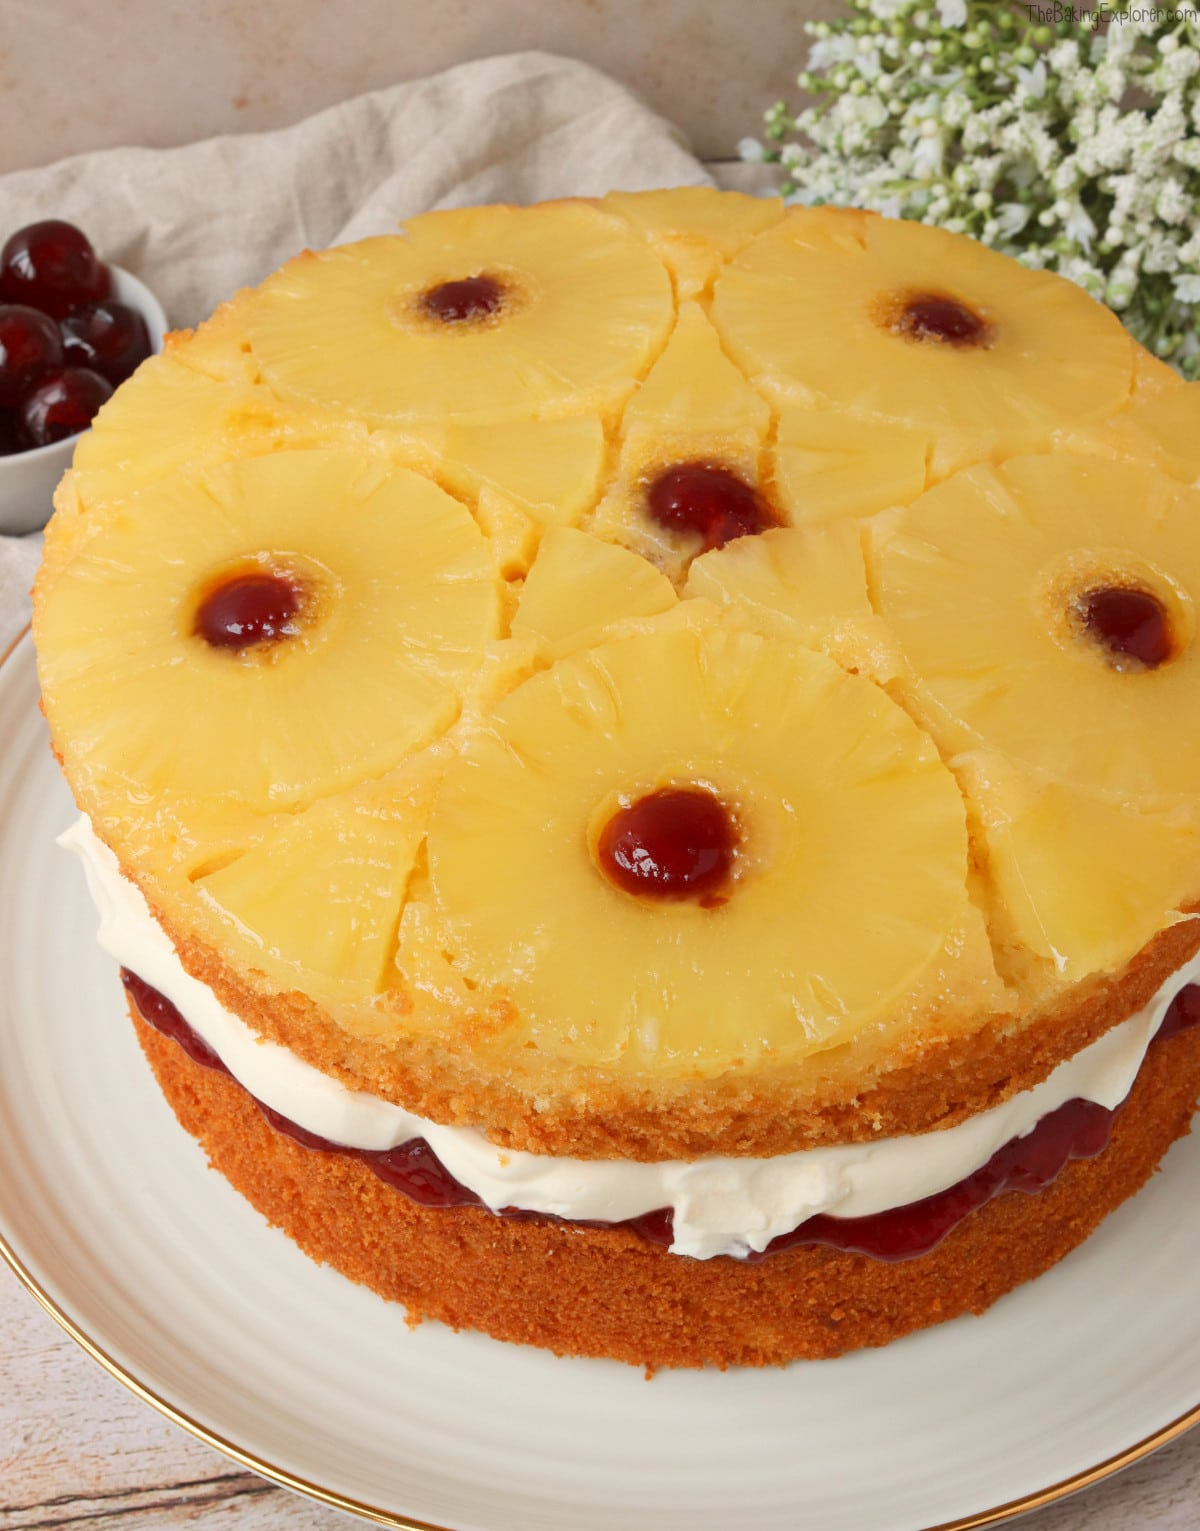 Pineapple Upside Down Sandwich Cake